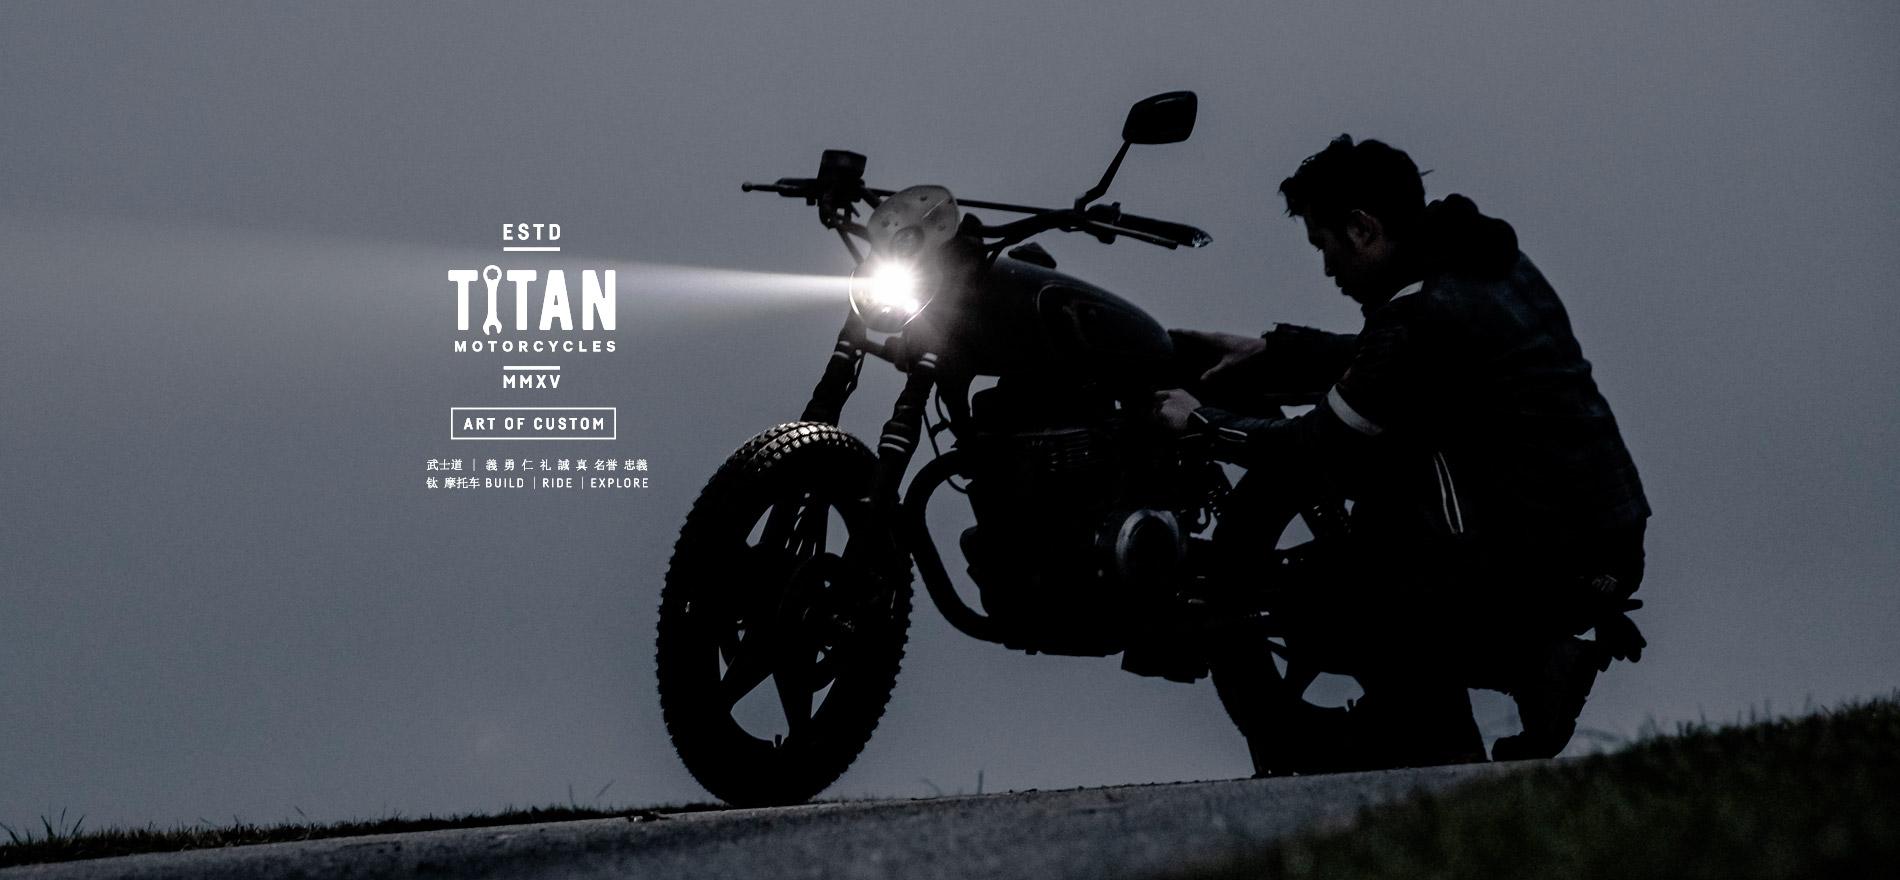 TITAN-Motorcycle-Co-Graz-Austria-Designer-Art-of-Custom-Creative-ThanhHoNgo-SHENFU Cafe Racer Honda Custom Umbau Graz